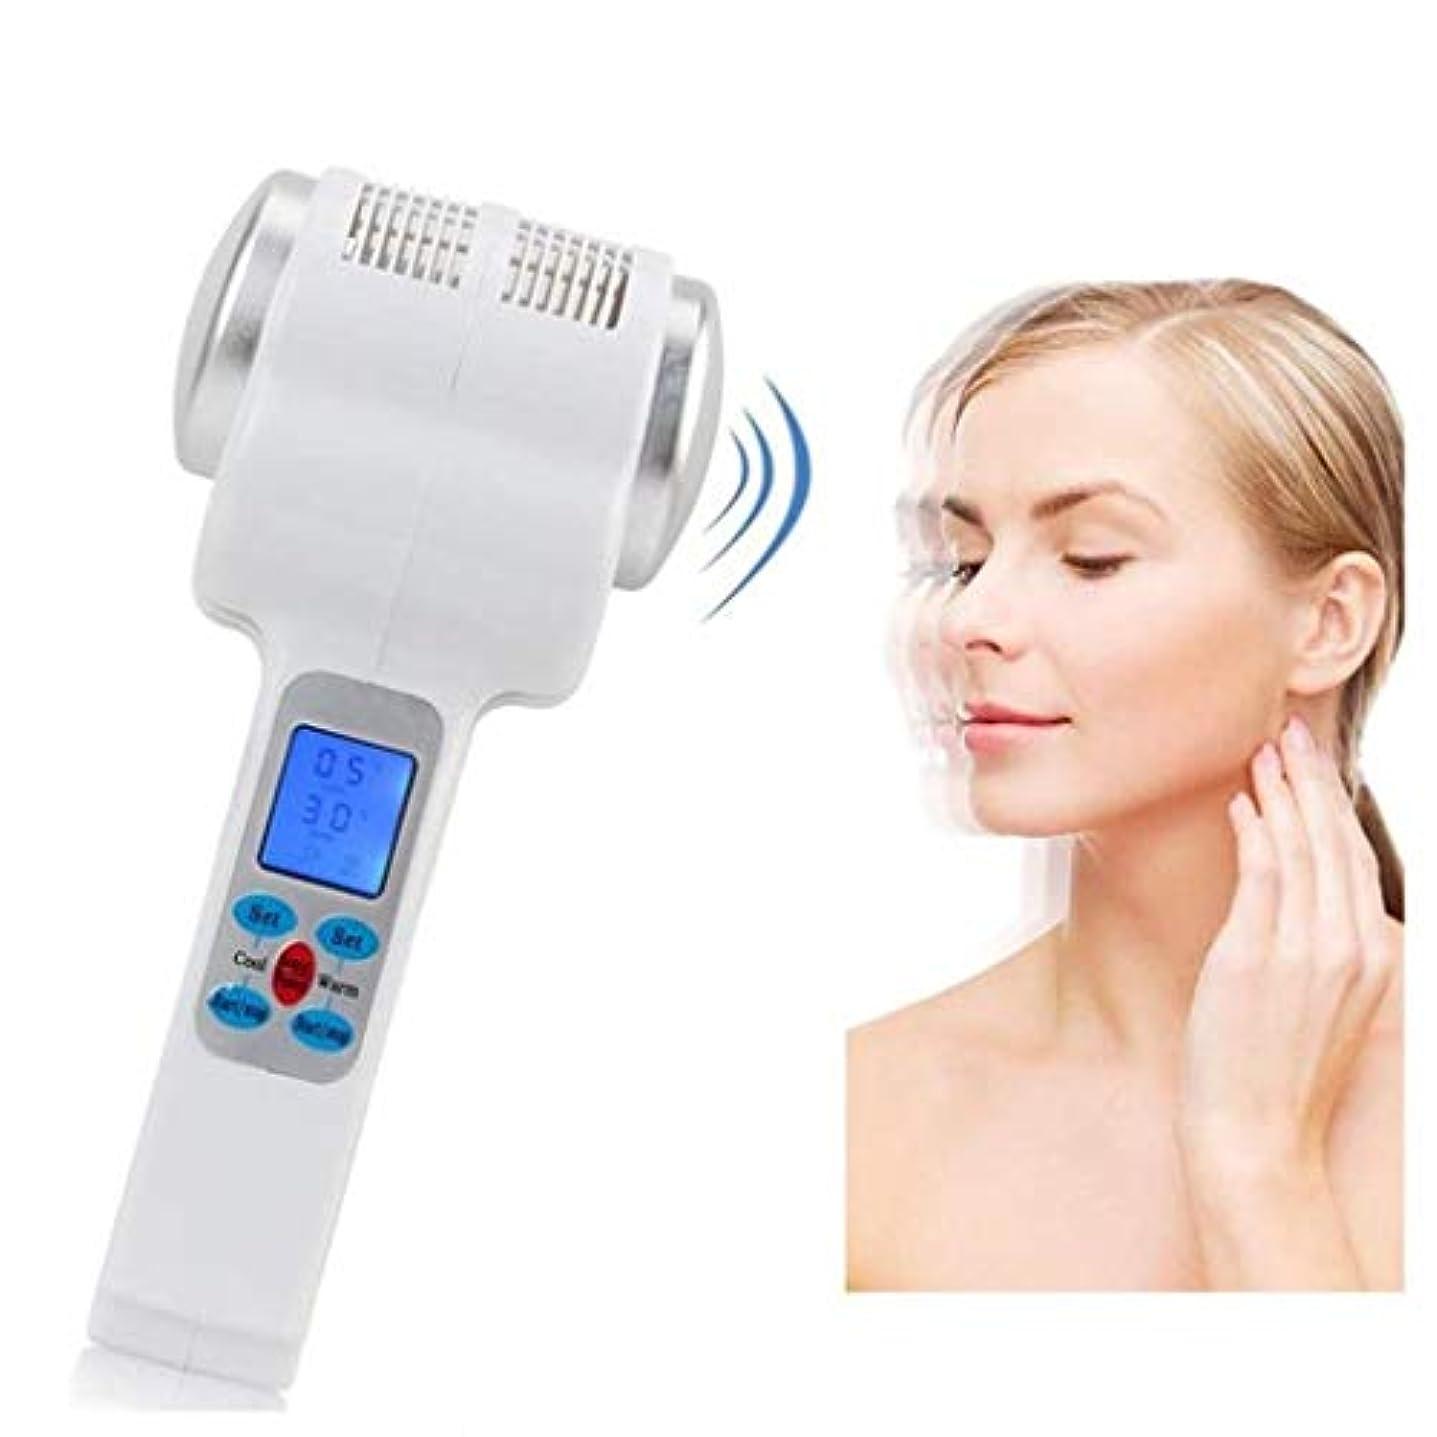 安心数値スロー美容器具、顔の振動マッサージ、ホット凍結療法、リフティングフェイシャルスキンビューティーマシン、肌を引き締めて細い線を改善する